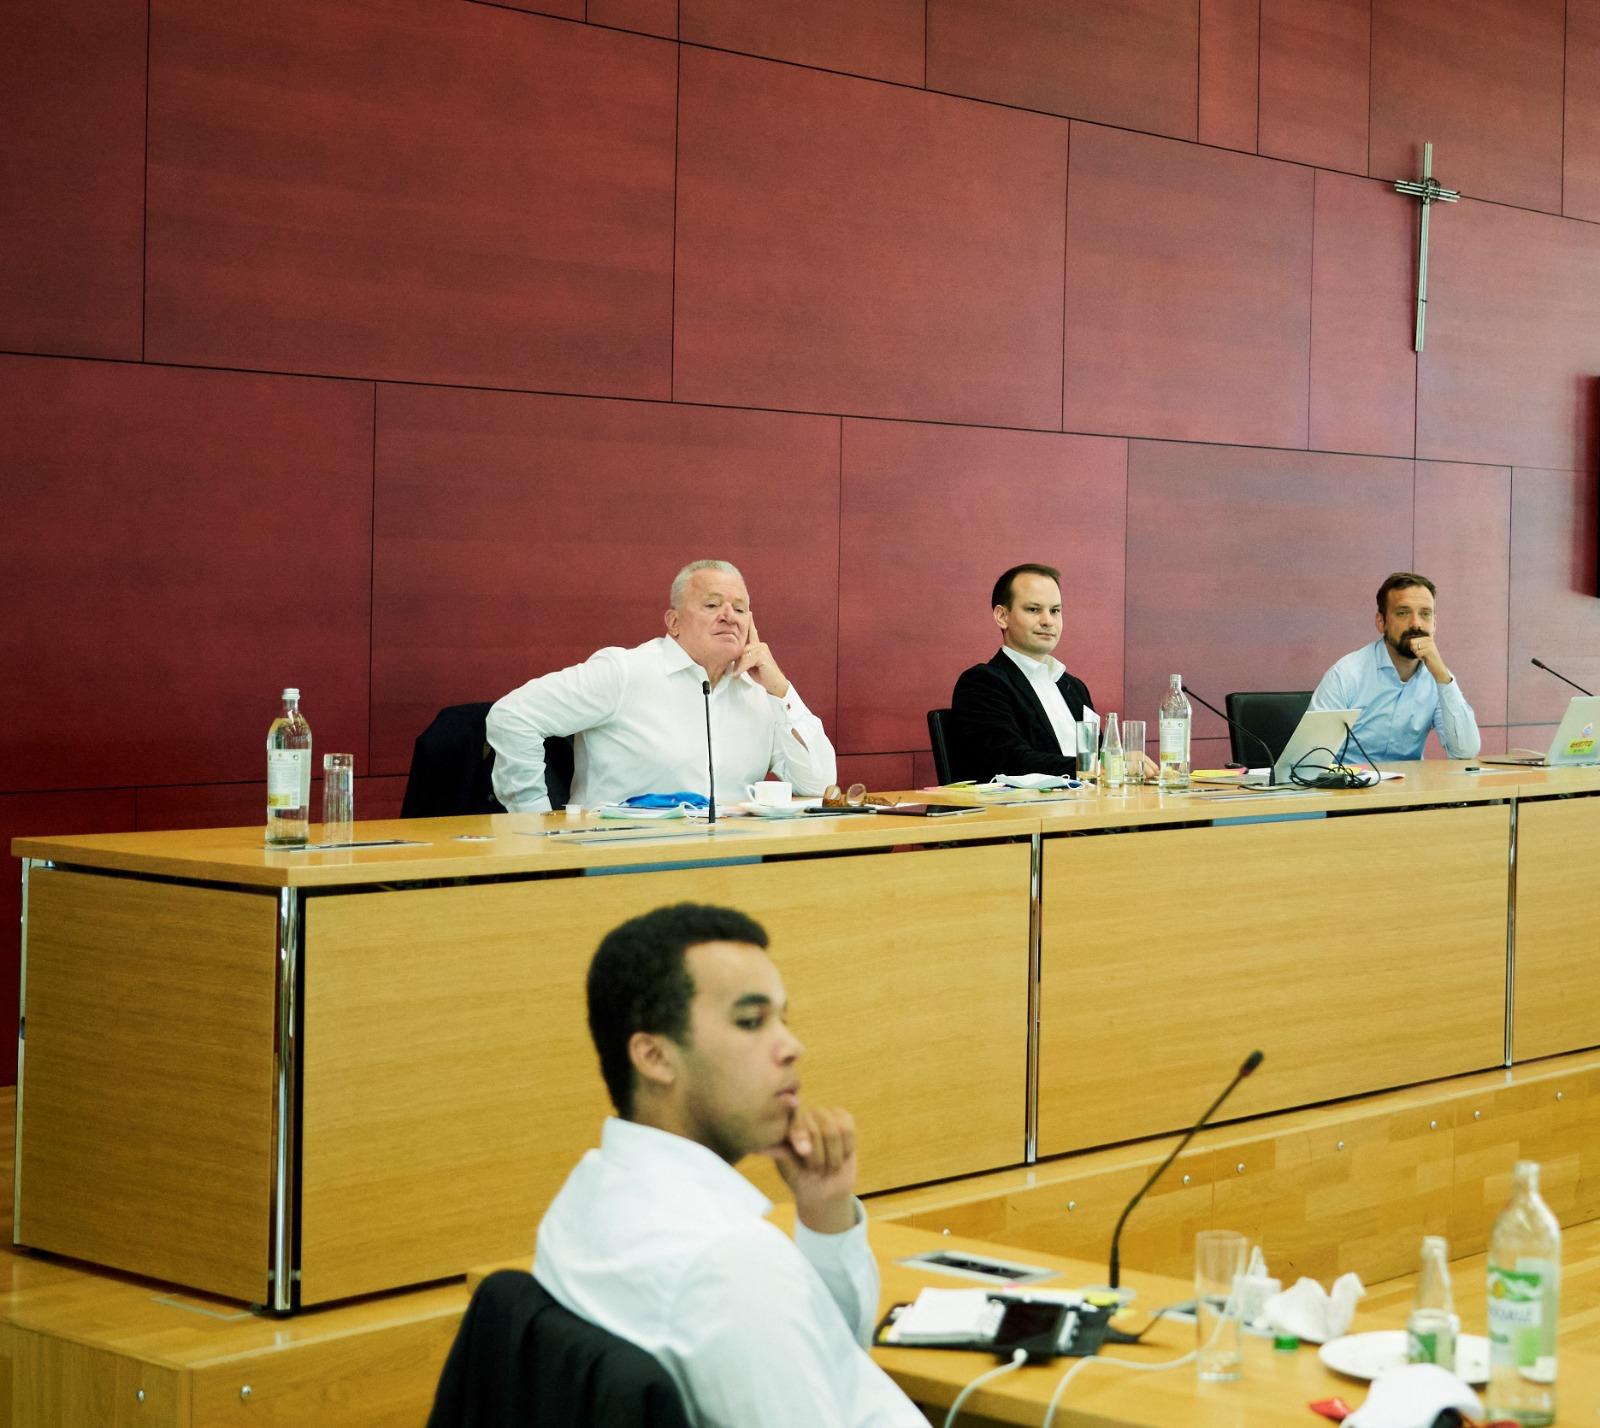 Florian Sochatzy vom Instituts für digitales Lernen im bayerischen Landtag